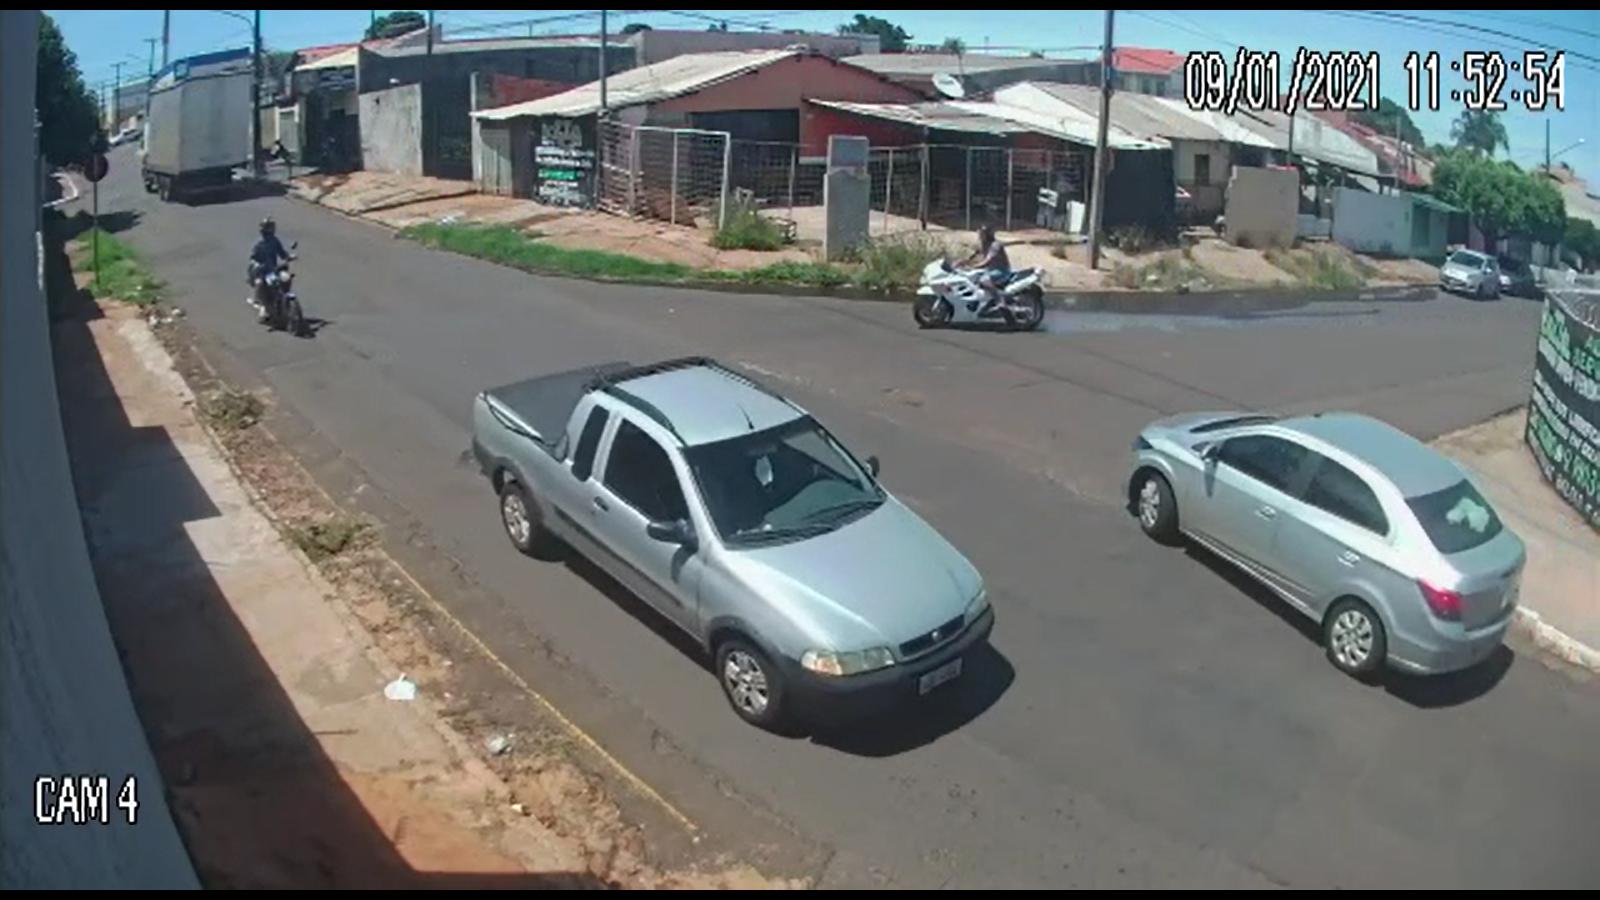 Vídeo: Motociclista morre ao colidir contra muro - JD1 Notícias